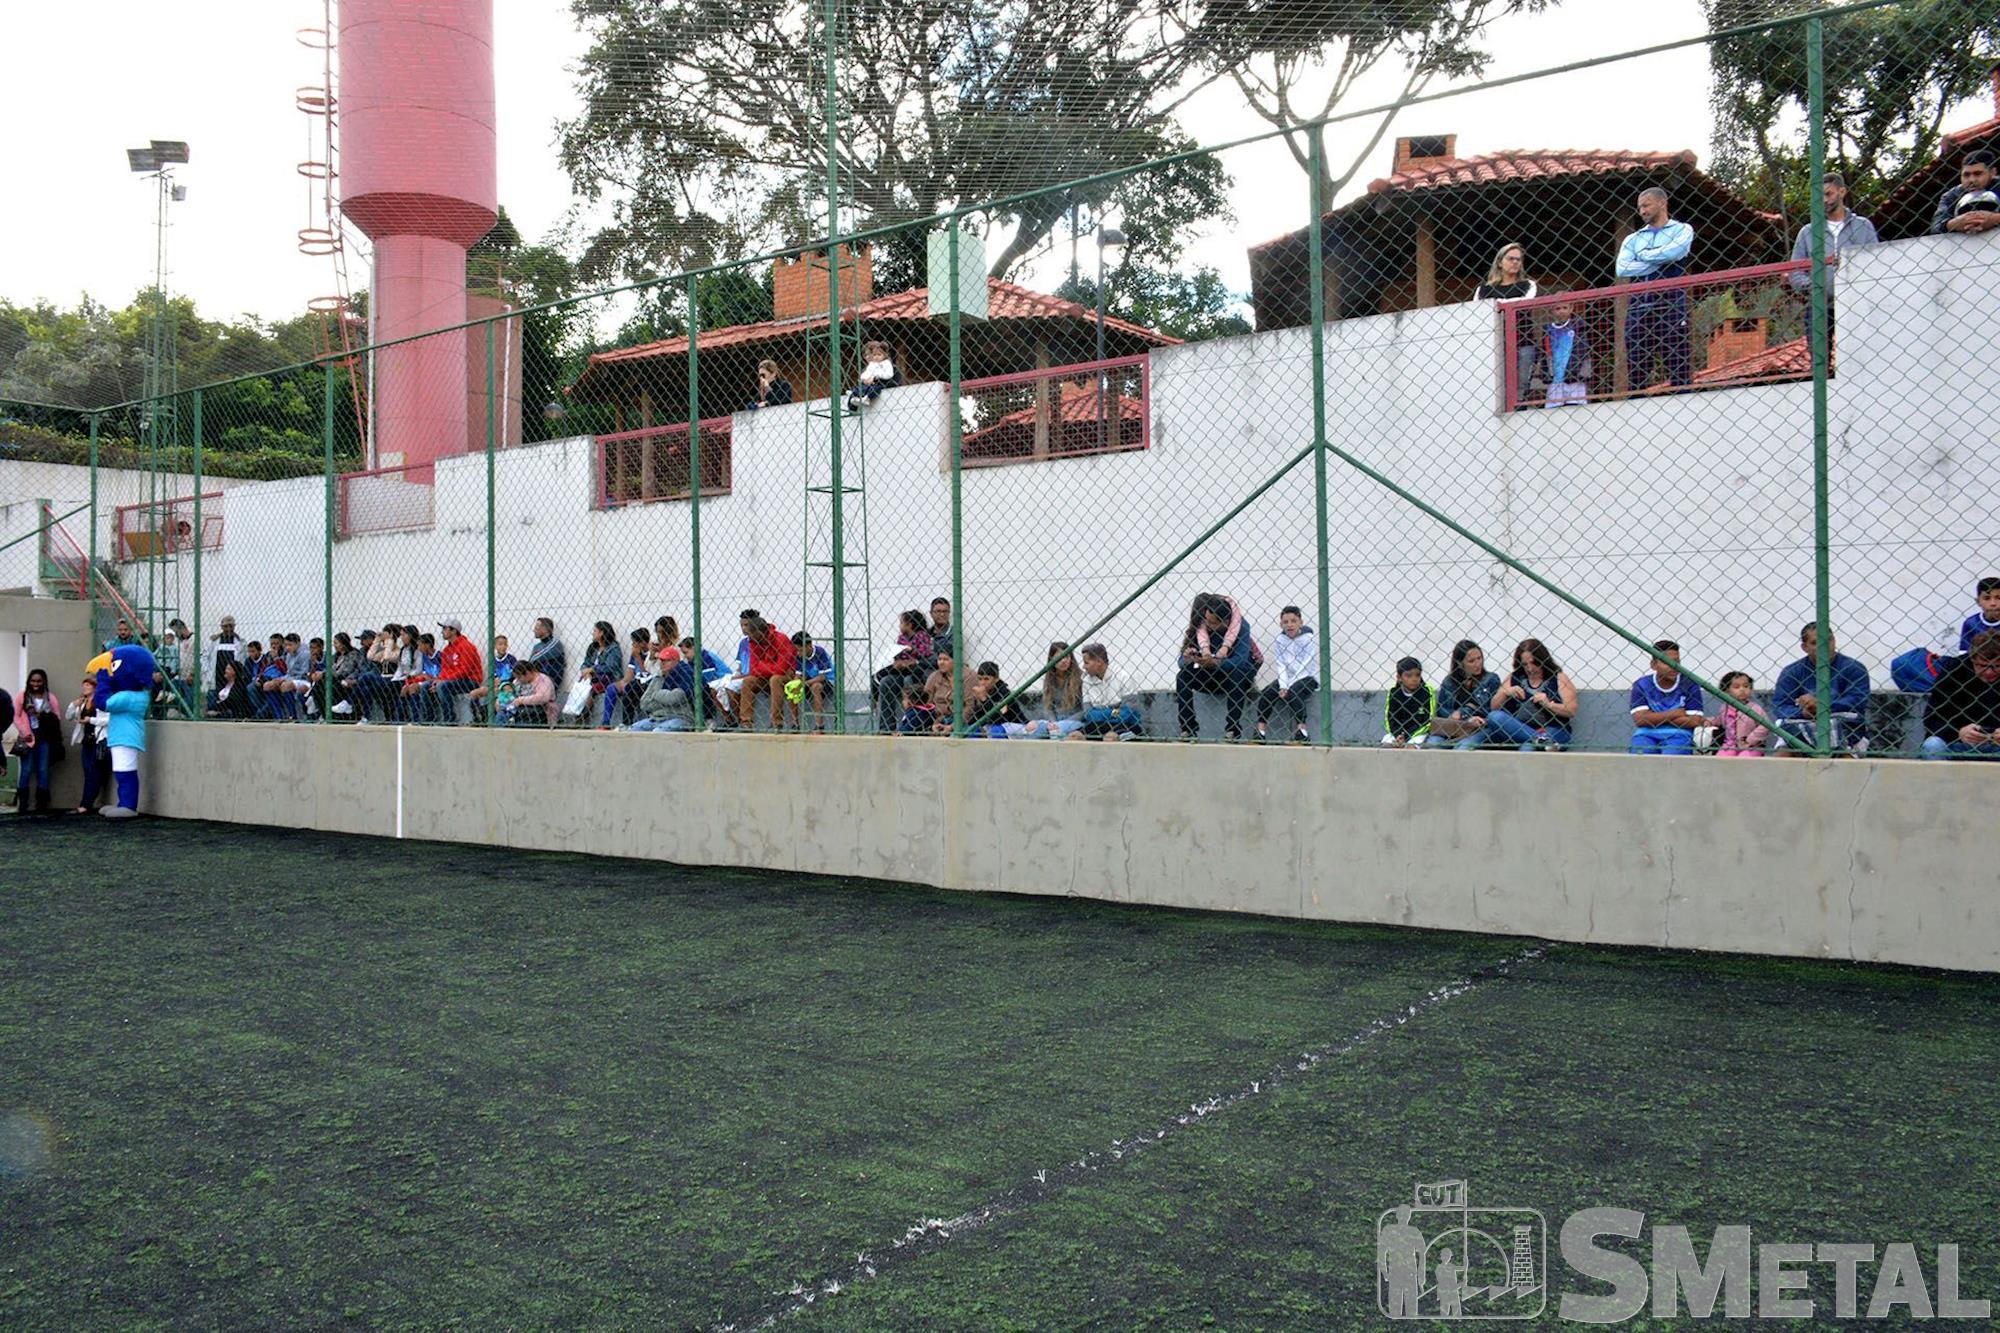 Escolinha de Futebol Oficial do São Bento é inaugurada em Sorocaba, escolinha,  smetal,  sindicato,  são bento,  azulão,  sorocaba,  futebol, Foguinho/Imprensa SMetal, Confira as fotos da inauguração da Escolinha do São Bento/SMetal